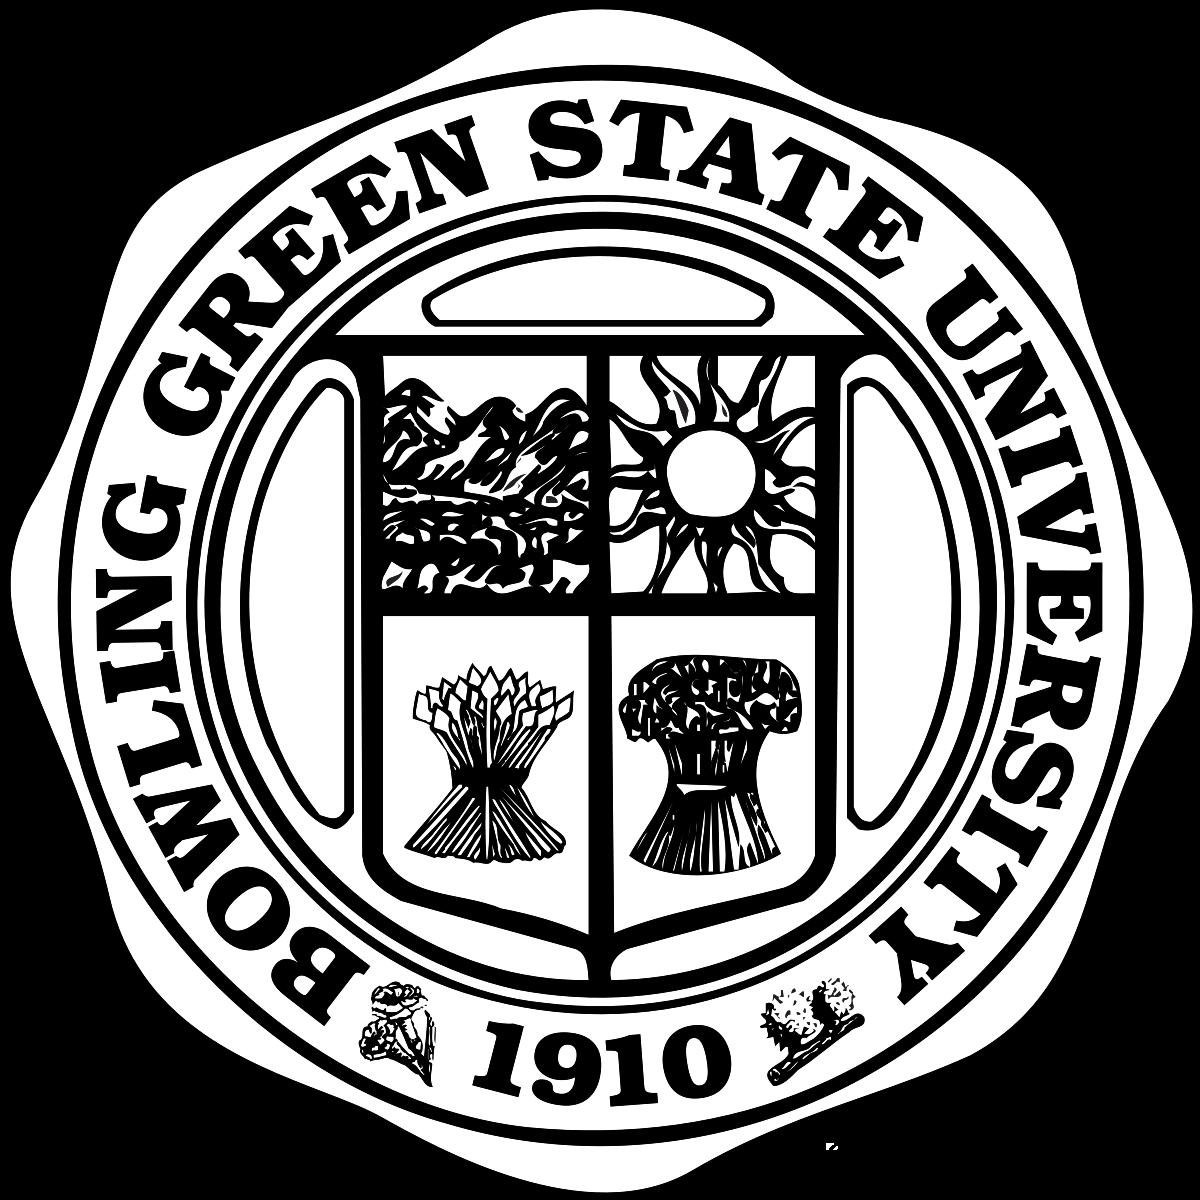 Bowling Green State University.